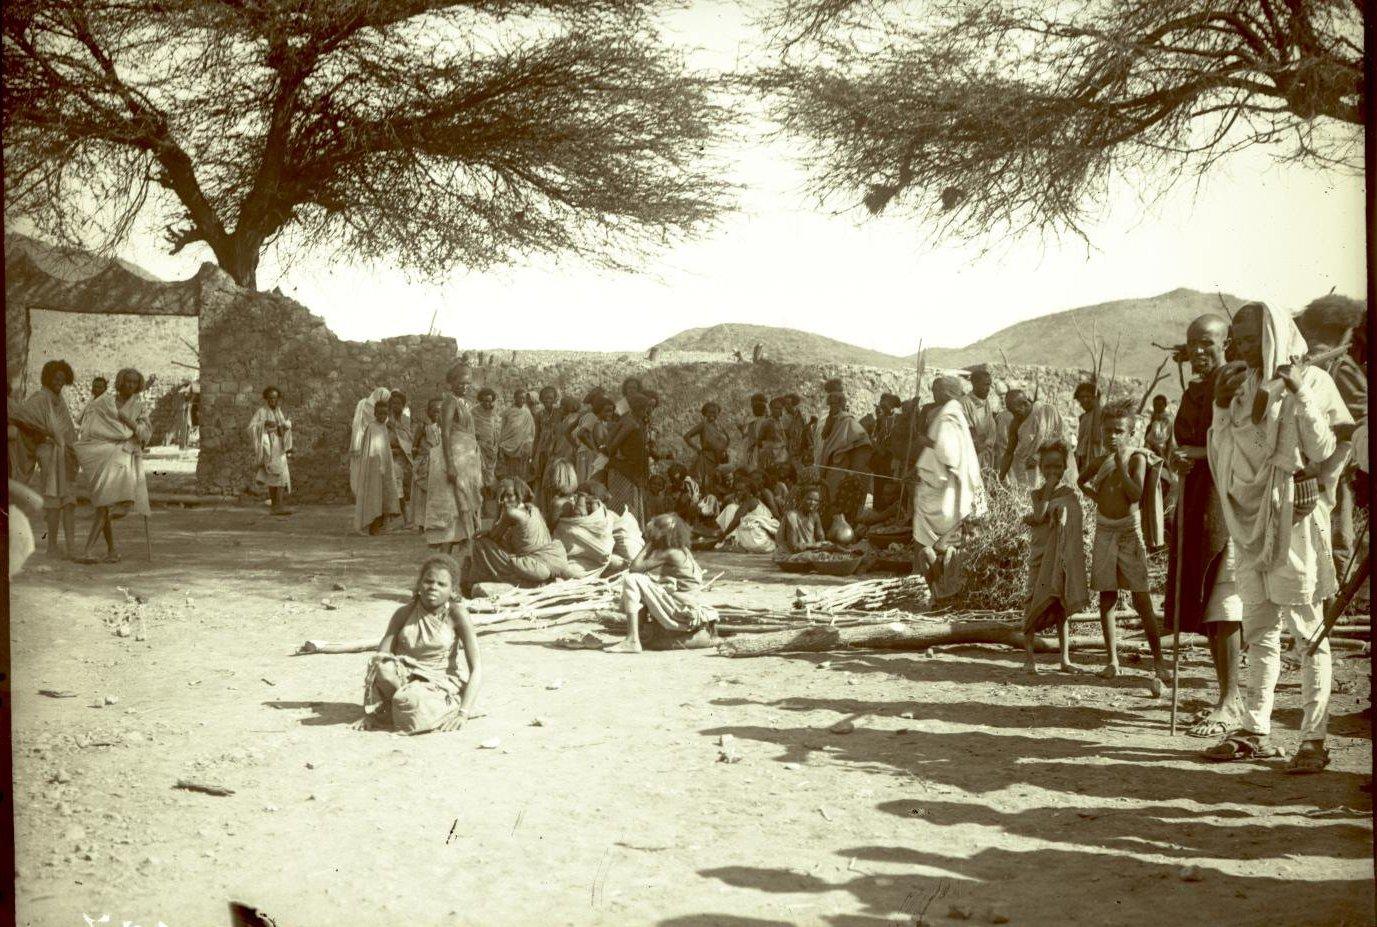 187. 1899. Абиссиния. Гильдесса. Уголок на базаре